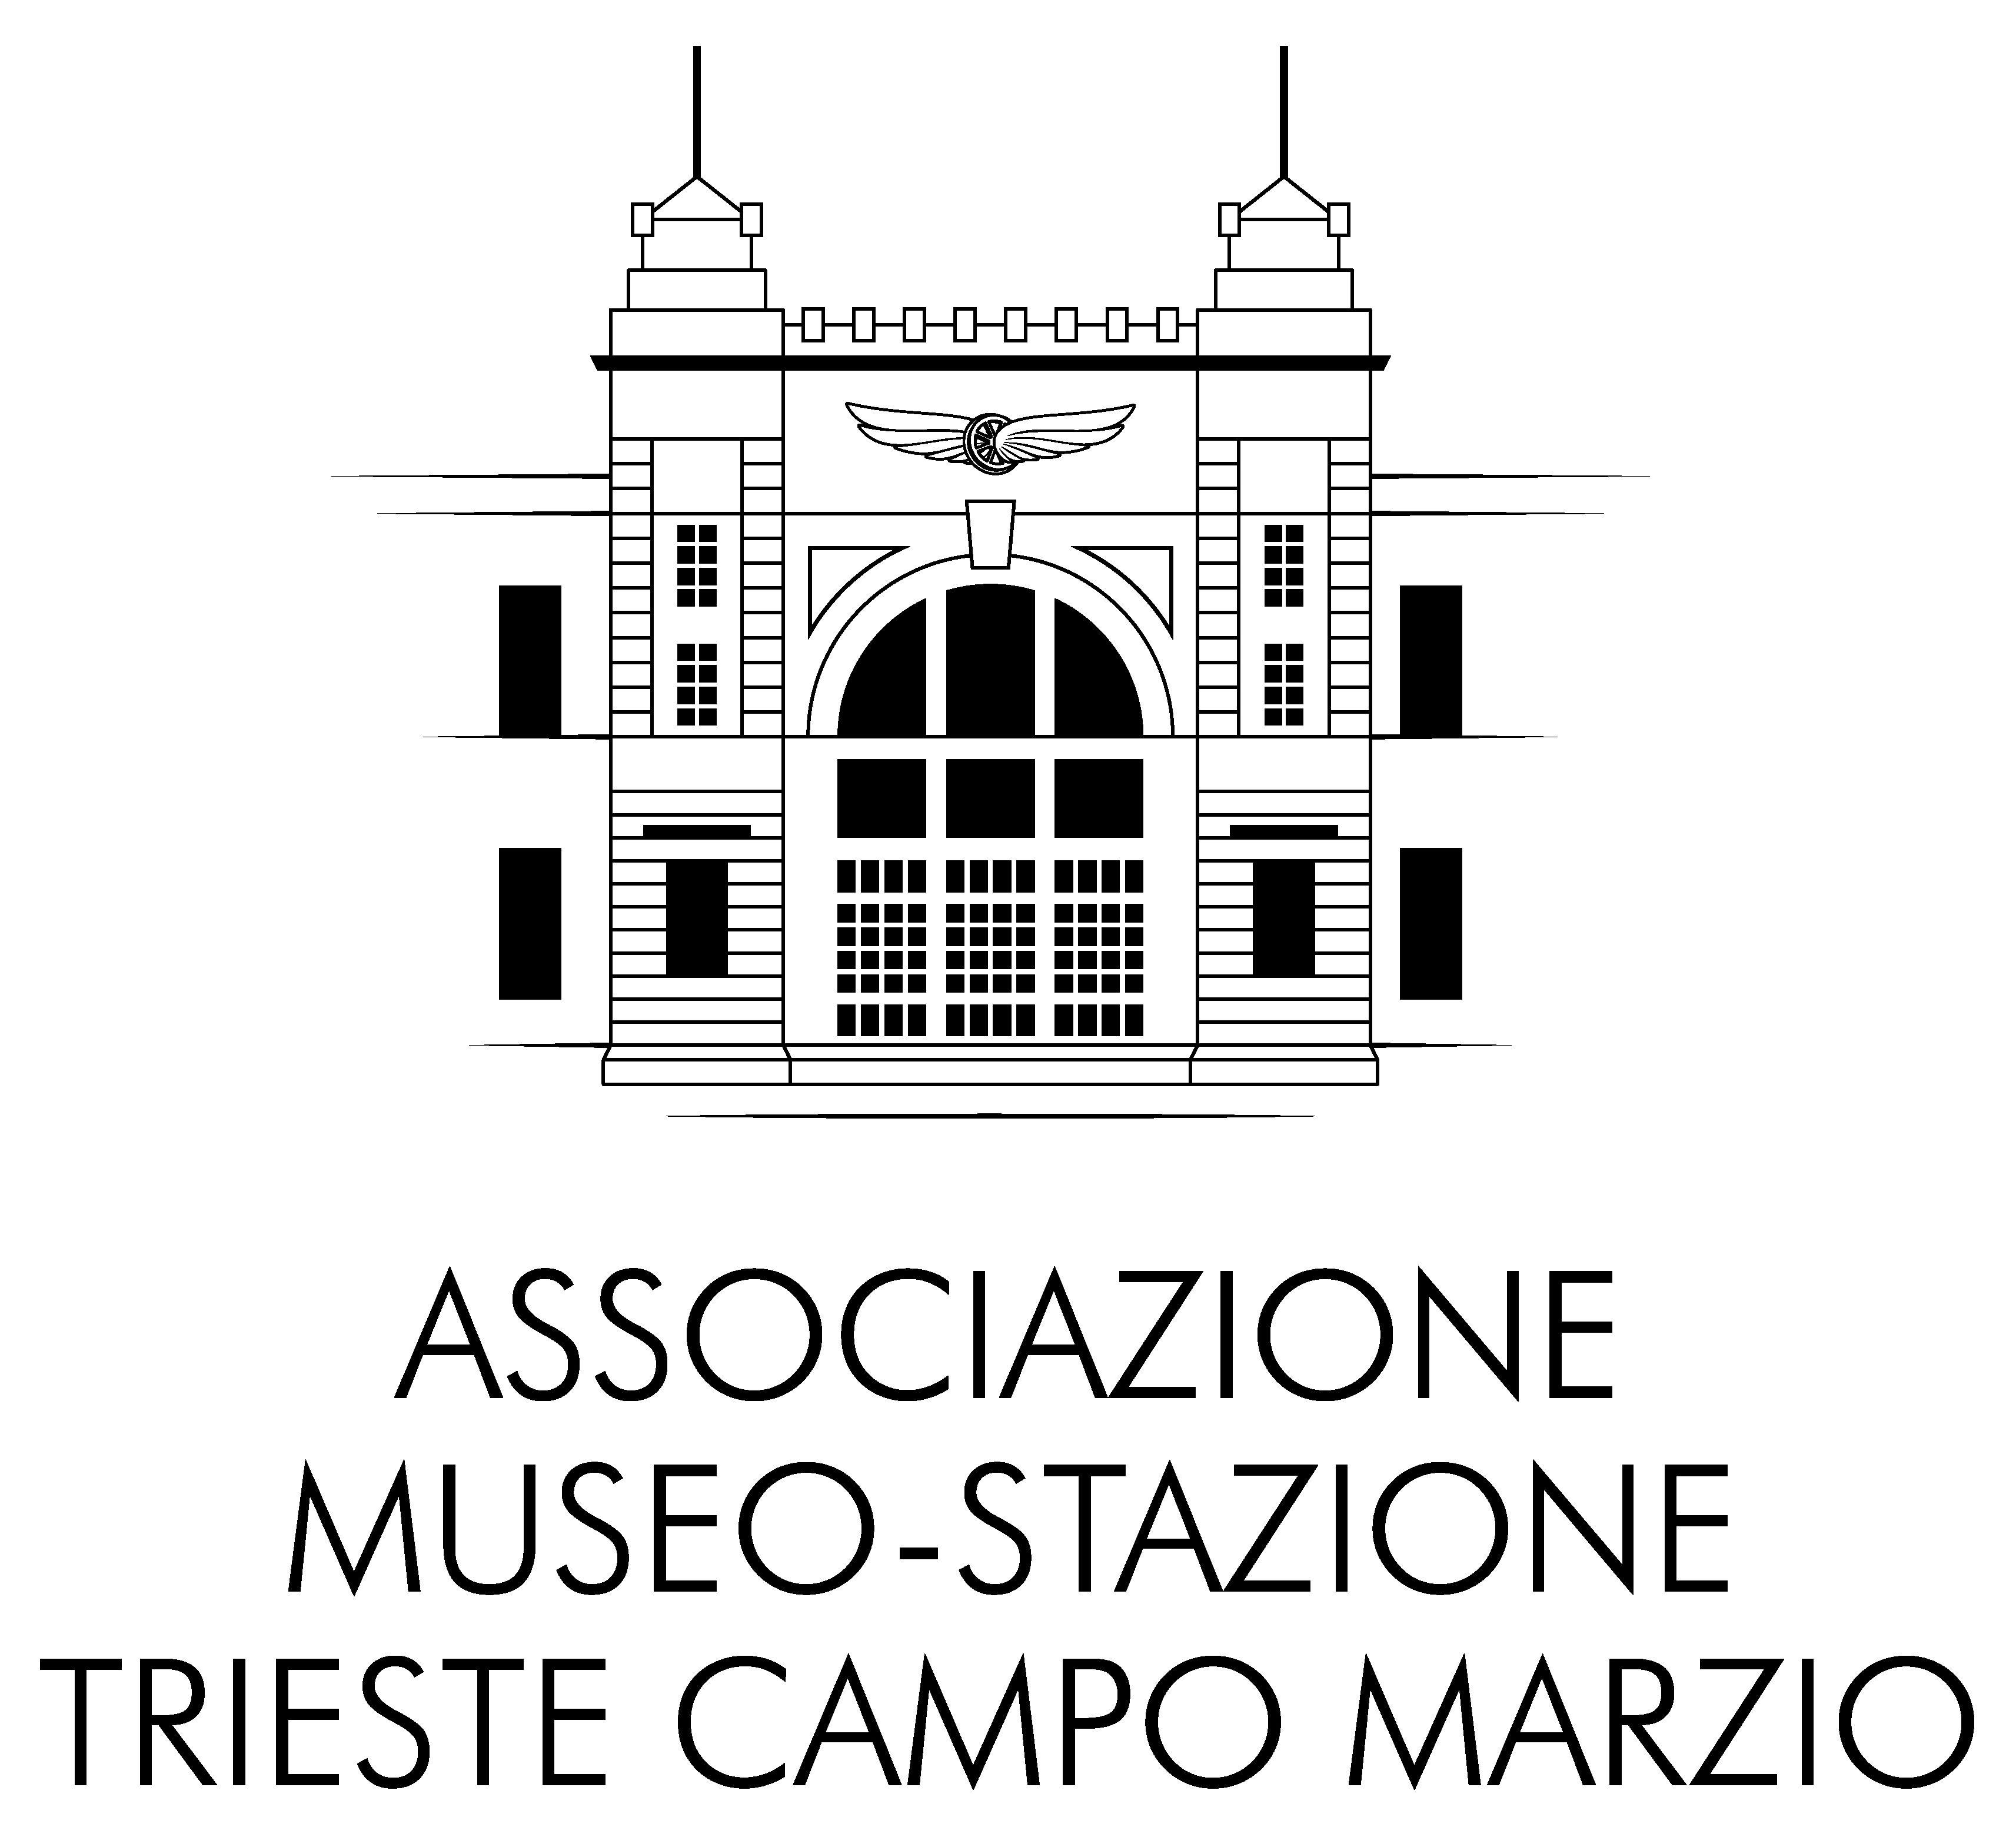 ASSOCIAZIONE MUSEO-STAZIONE TRIESTE CAMPO MARZIO